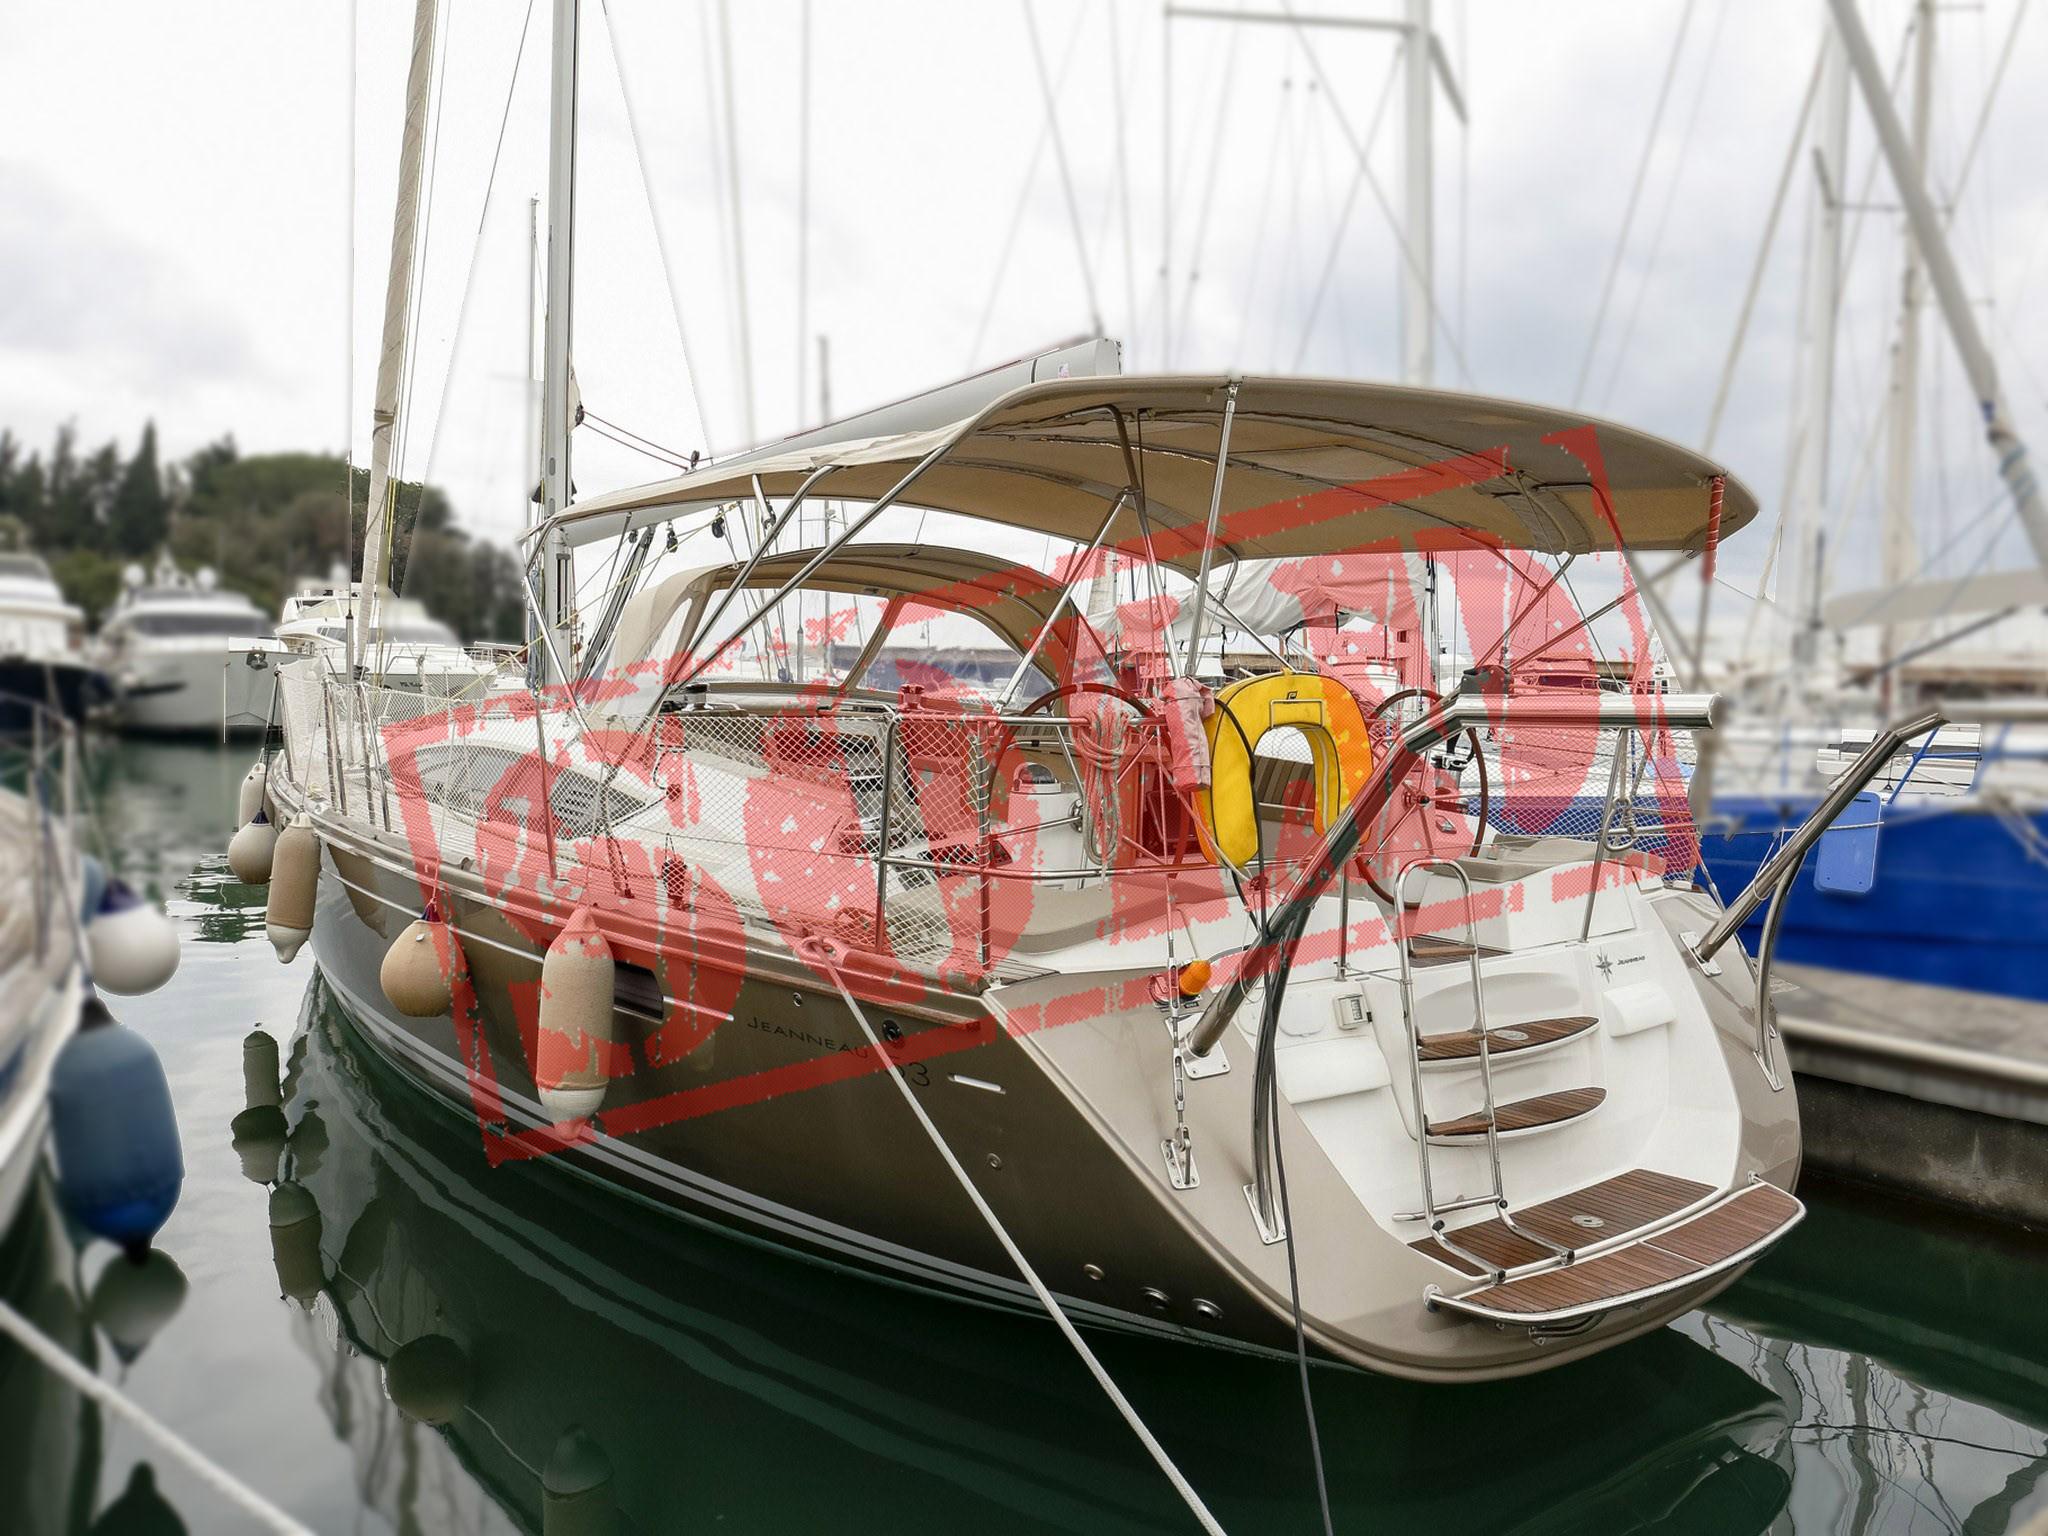 Jeanneau 53 sold